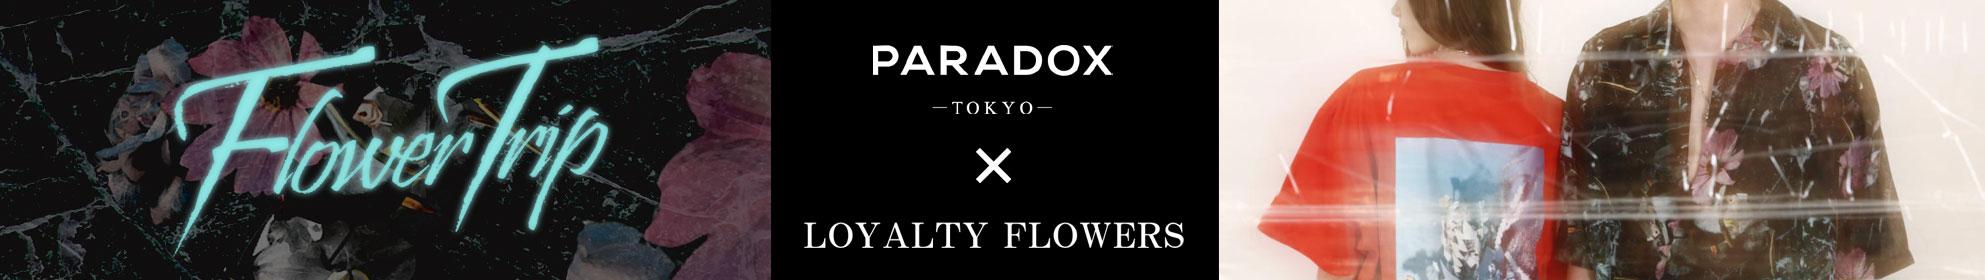 PARADOAX×LOYALTY FLOWER